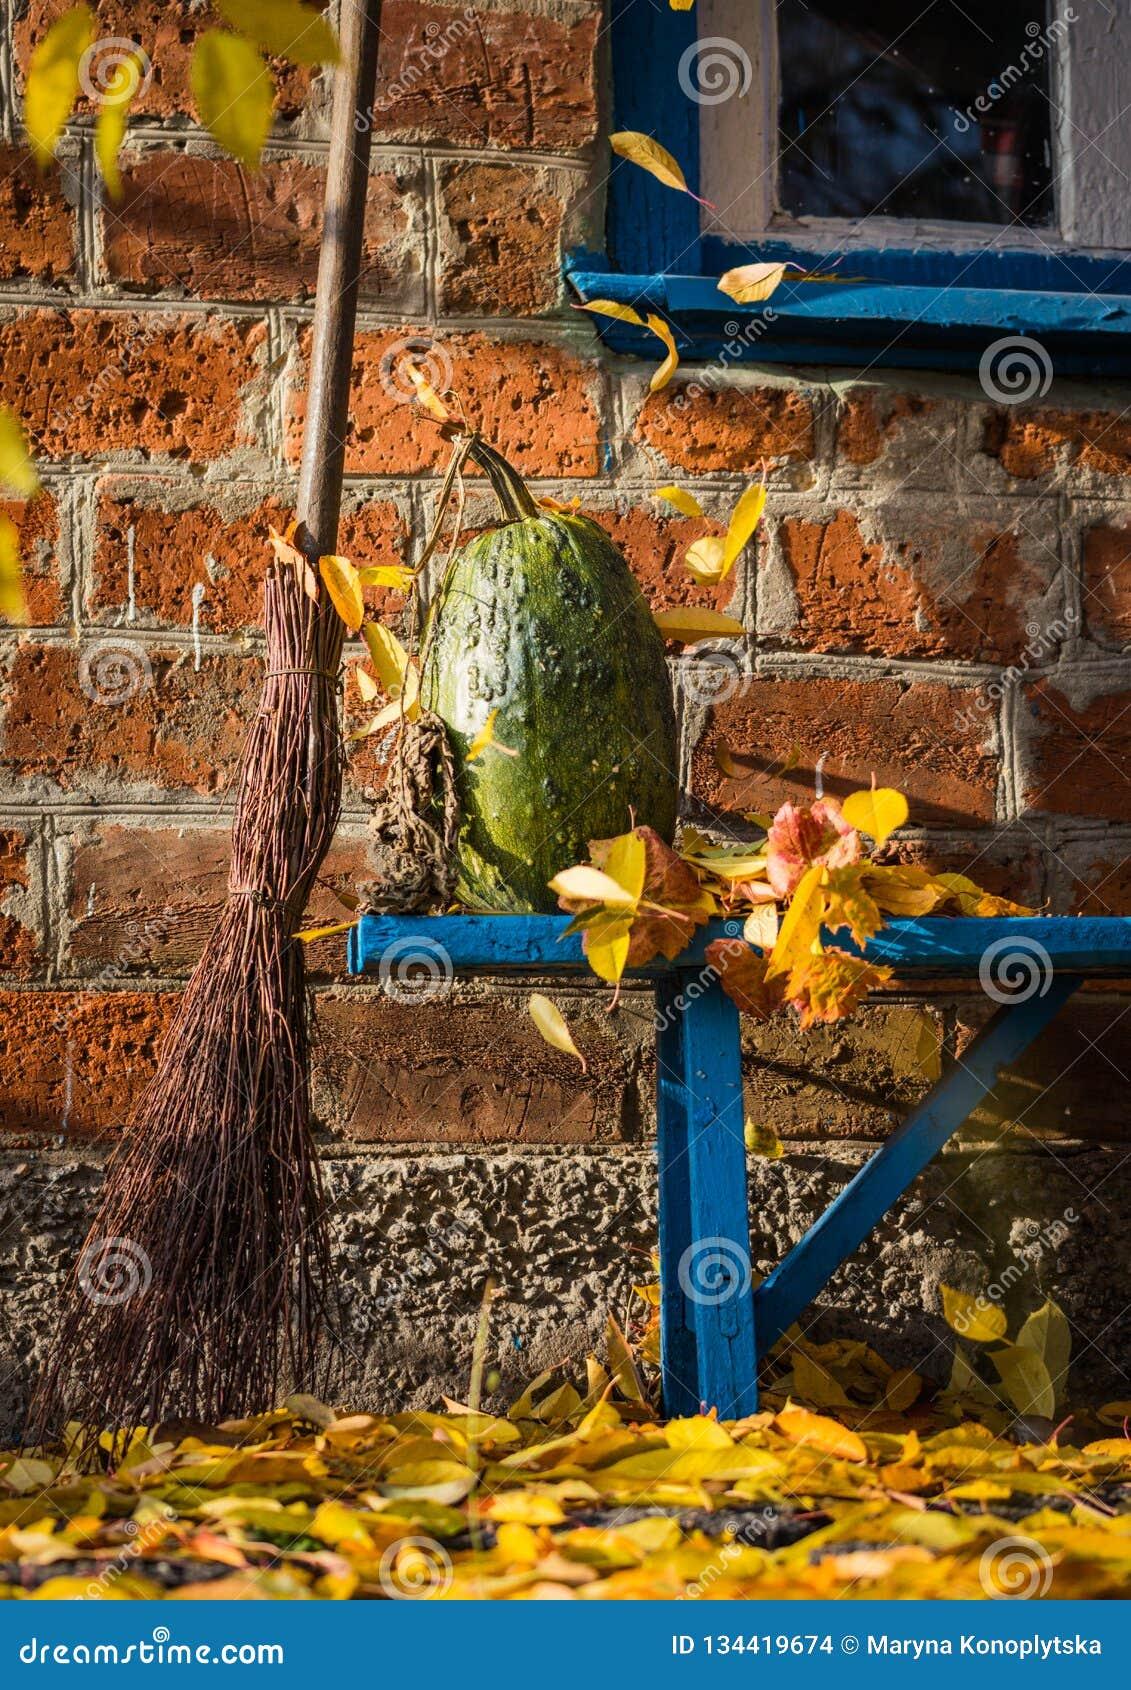 Jesieni wioski podwórze Bania, żółty ulistnienie i stara miotła na tle ceglany dom,